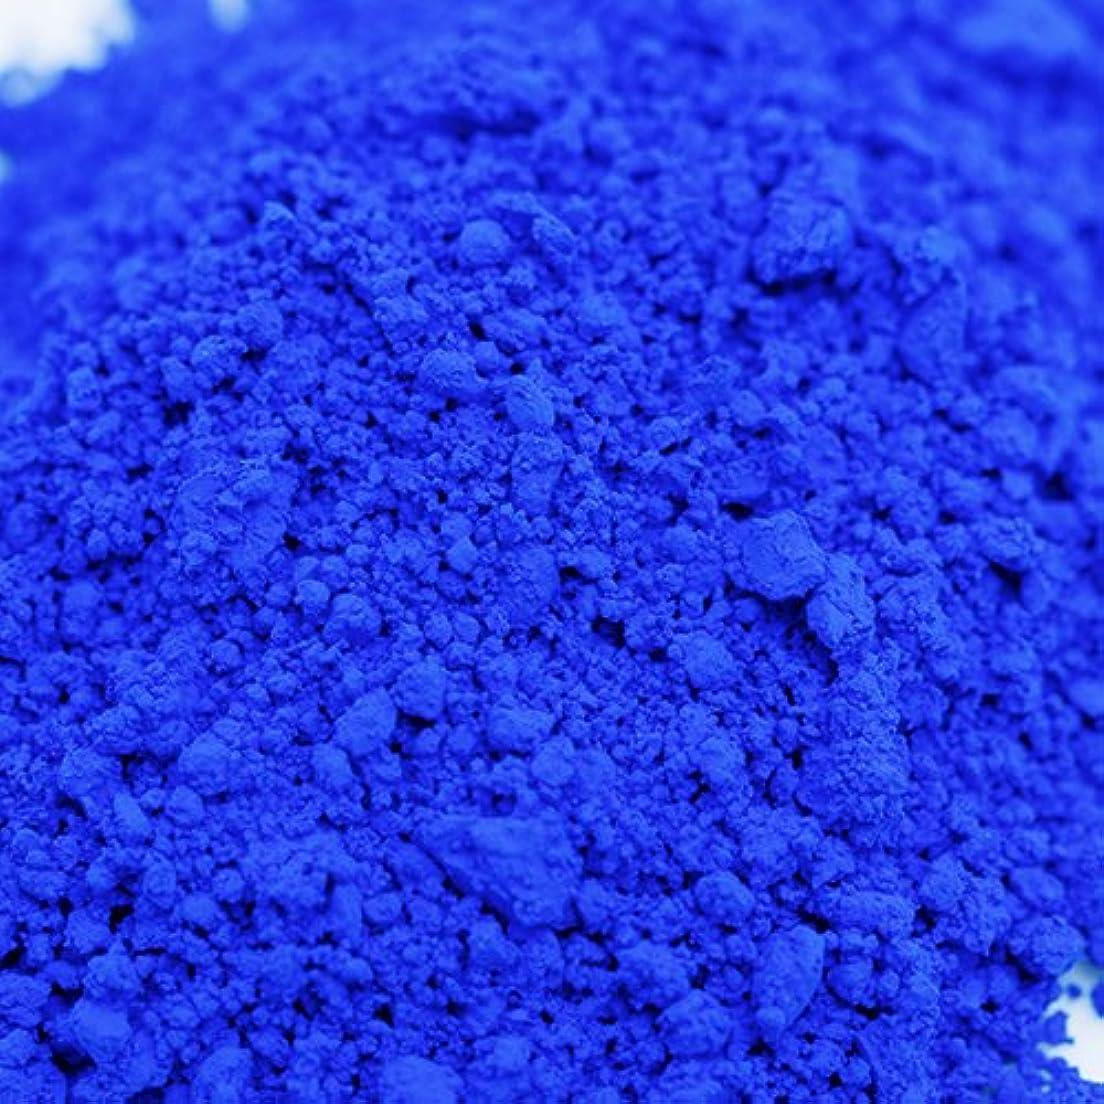 ブートパテ終了しましたウルトラマリン ブルー 5g 【手作り石鹸/手作りコスメ/色付け/カラーラント/青】